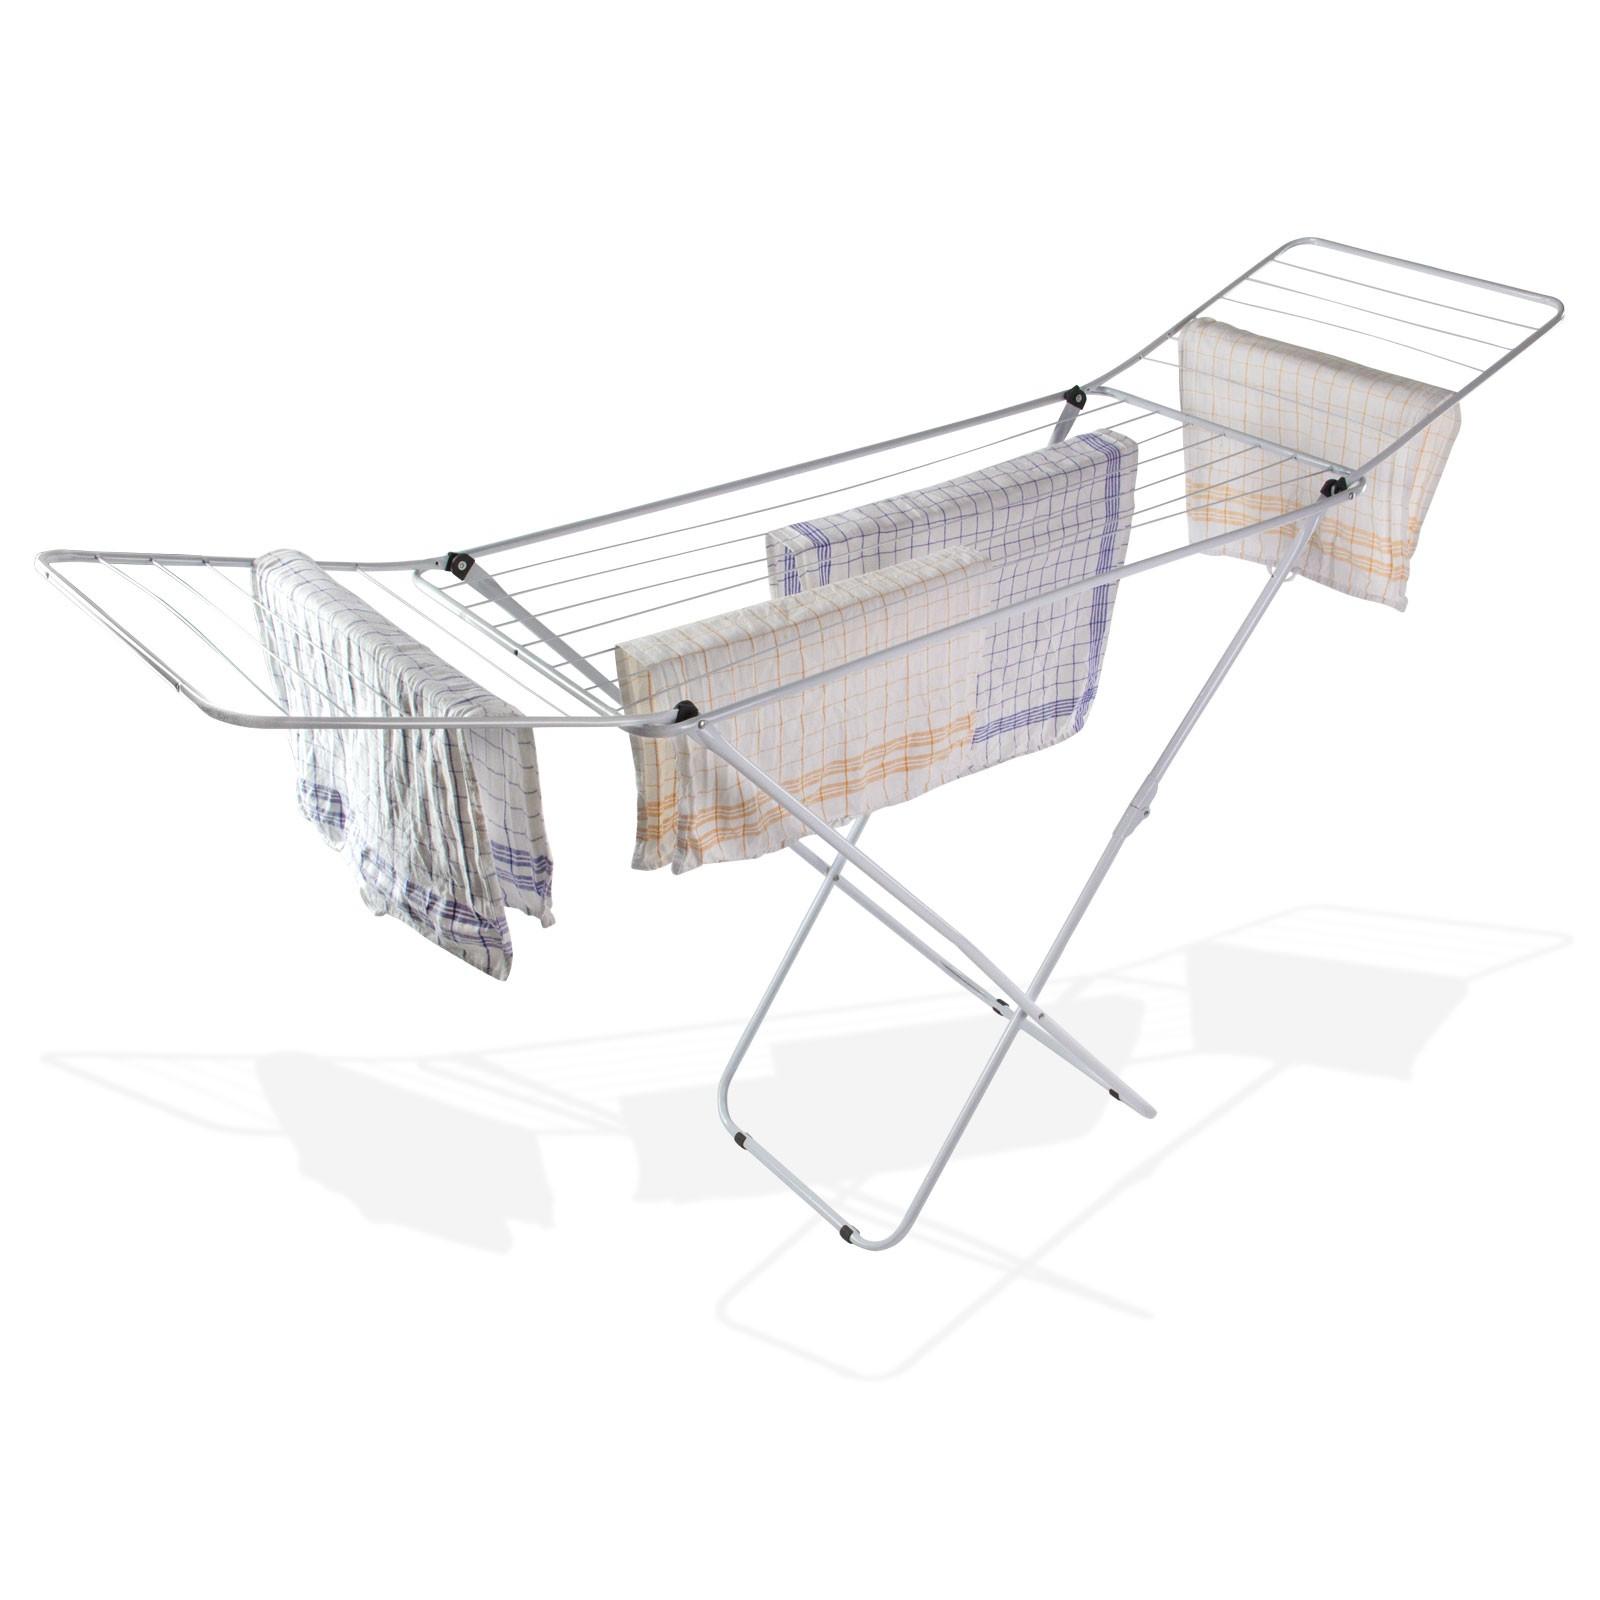 Wäscheständer mit zwei Flügel - jamb.ch